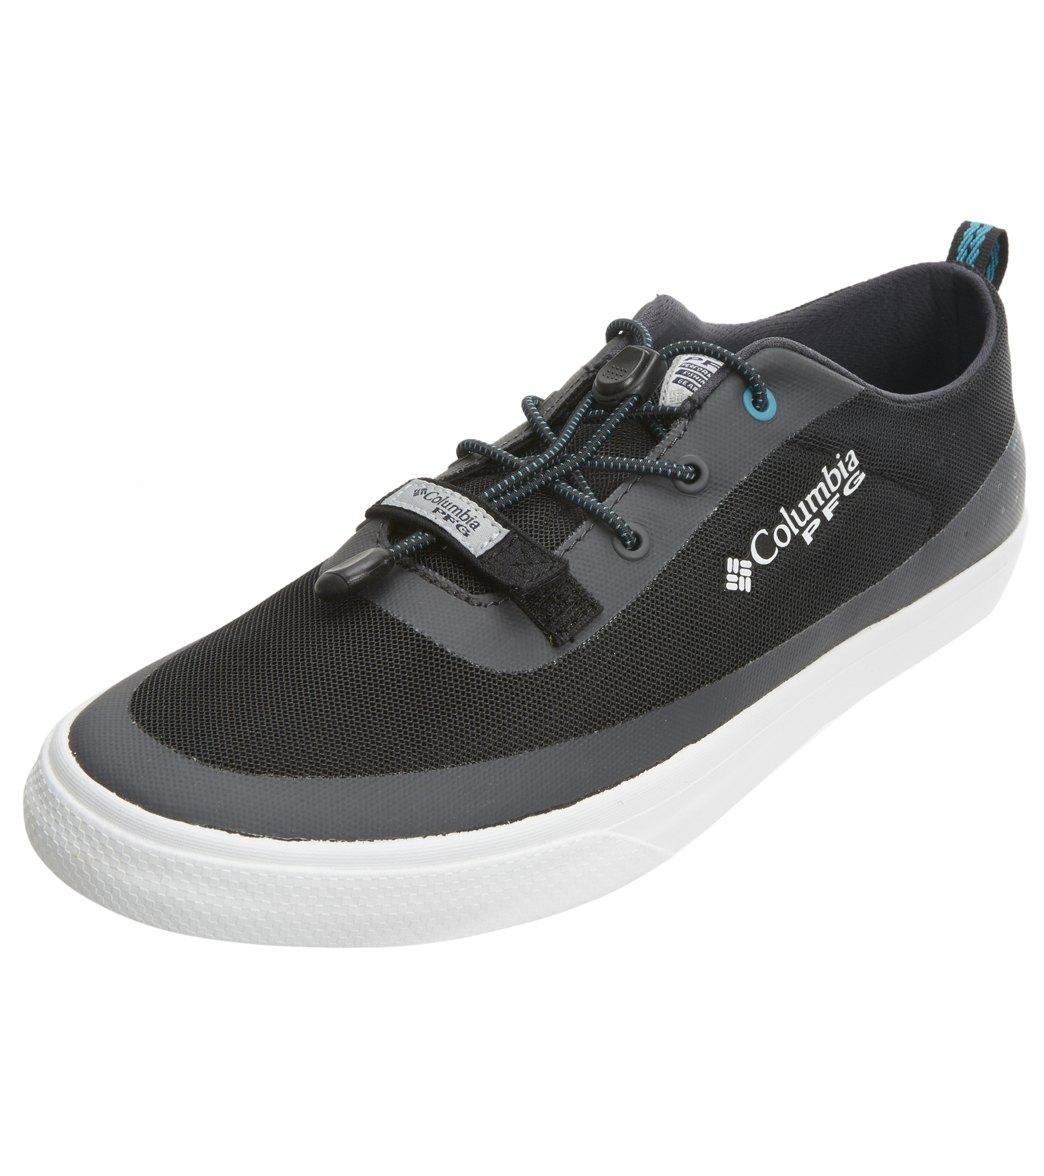 Dorado CVO PFG Fishing Shoe